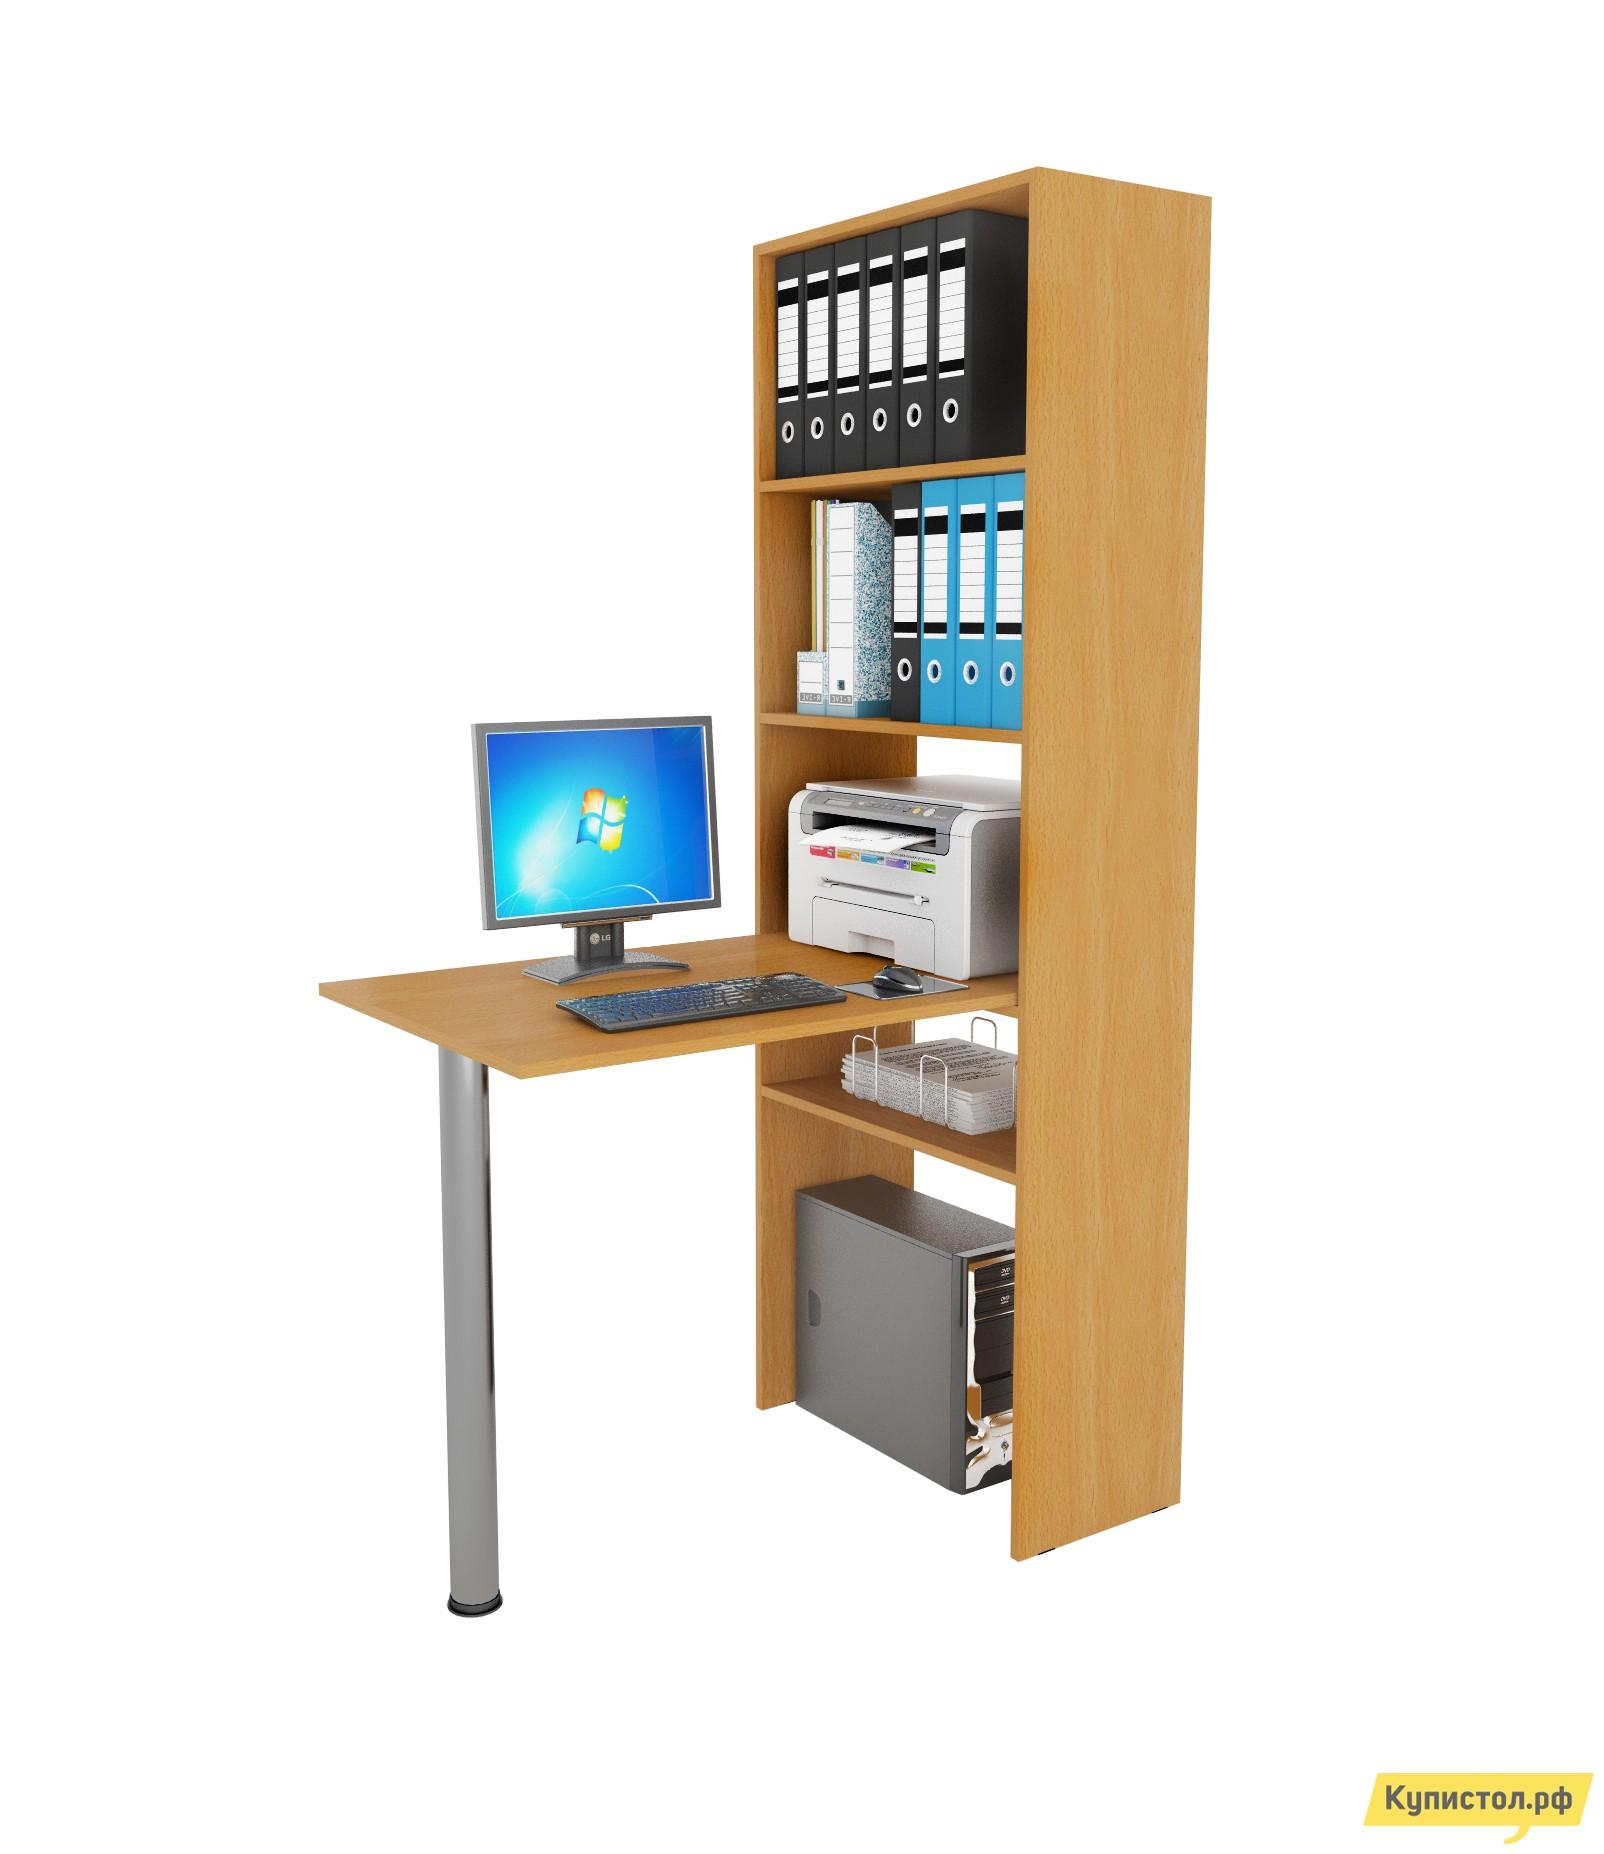 Компьютерный стол МФ Мастер Рикс-4 + Рикс-6 Бук